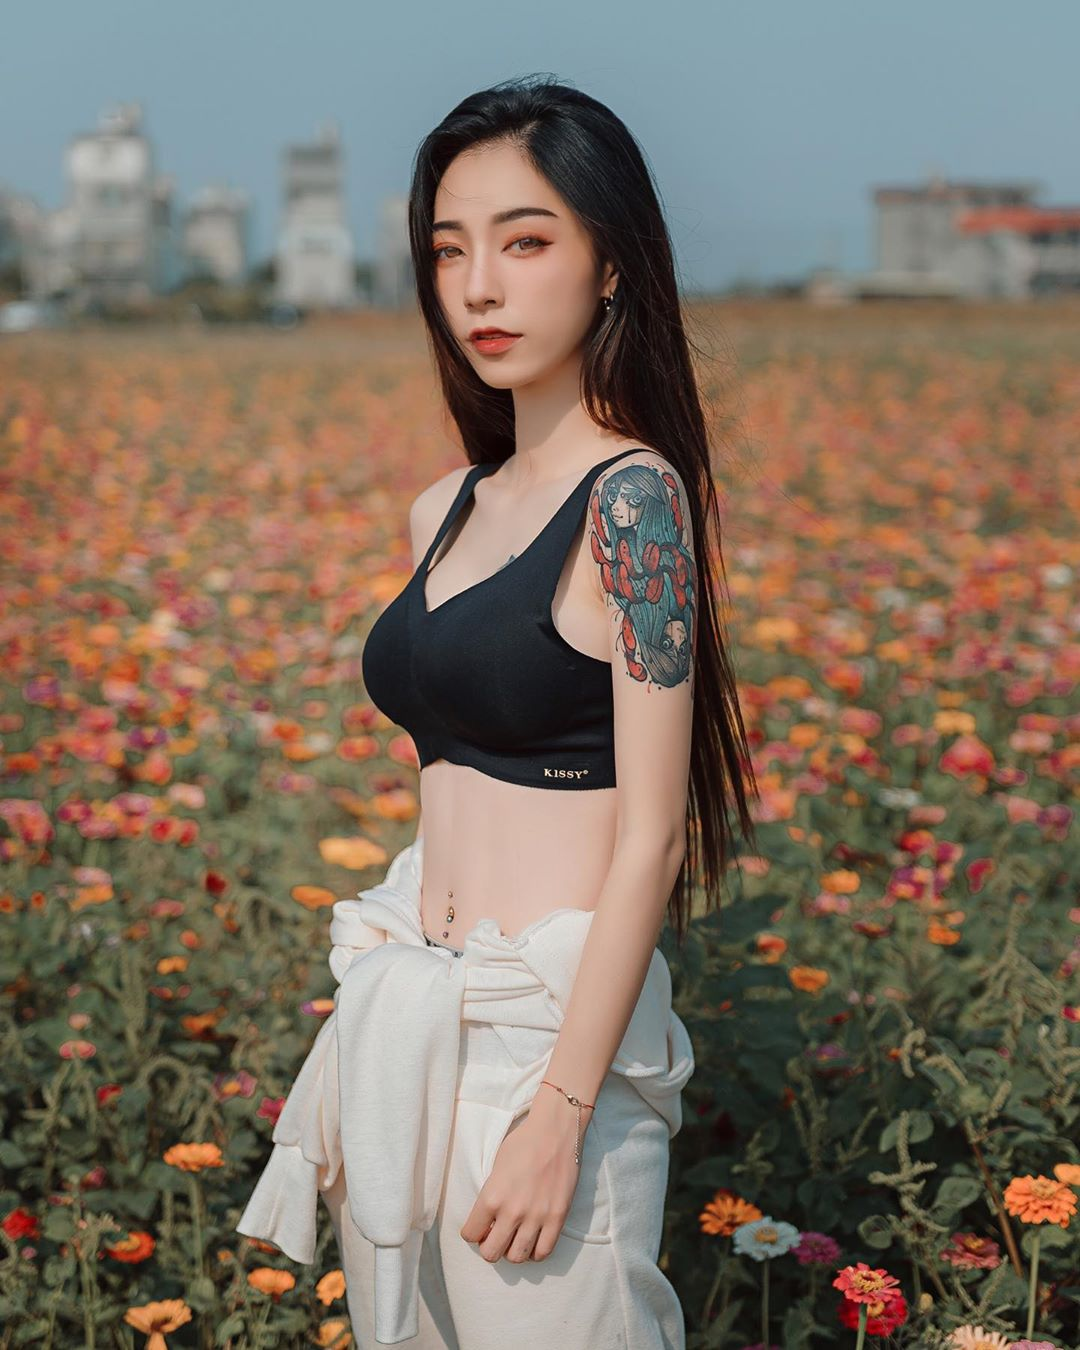 uD8Ys8 - 直播正妹—飄飄